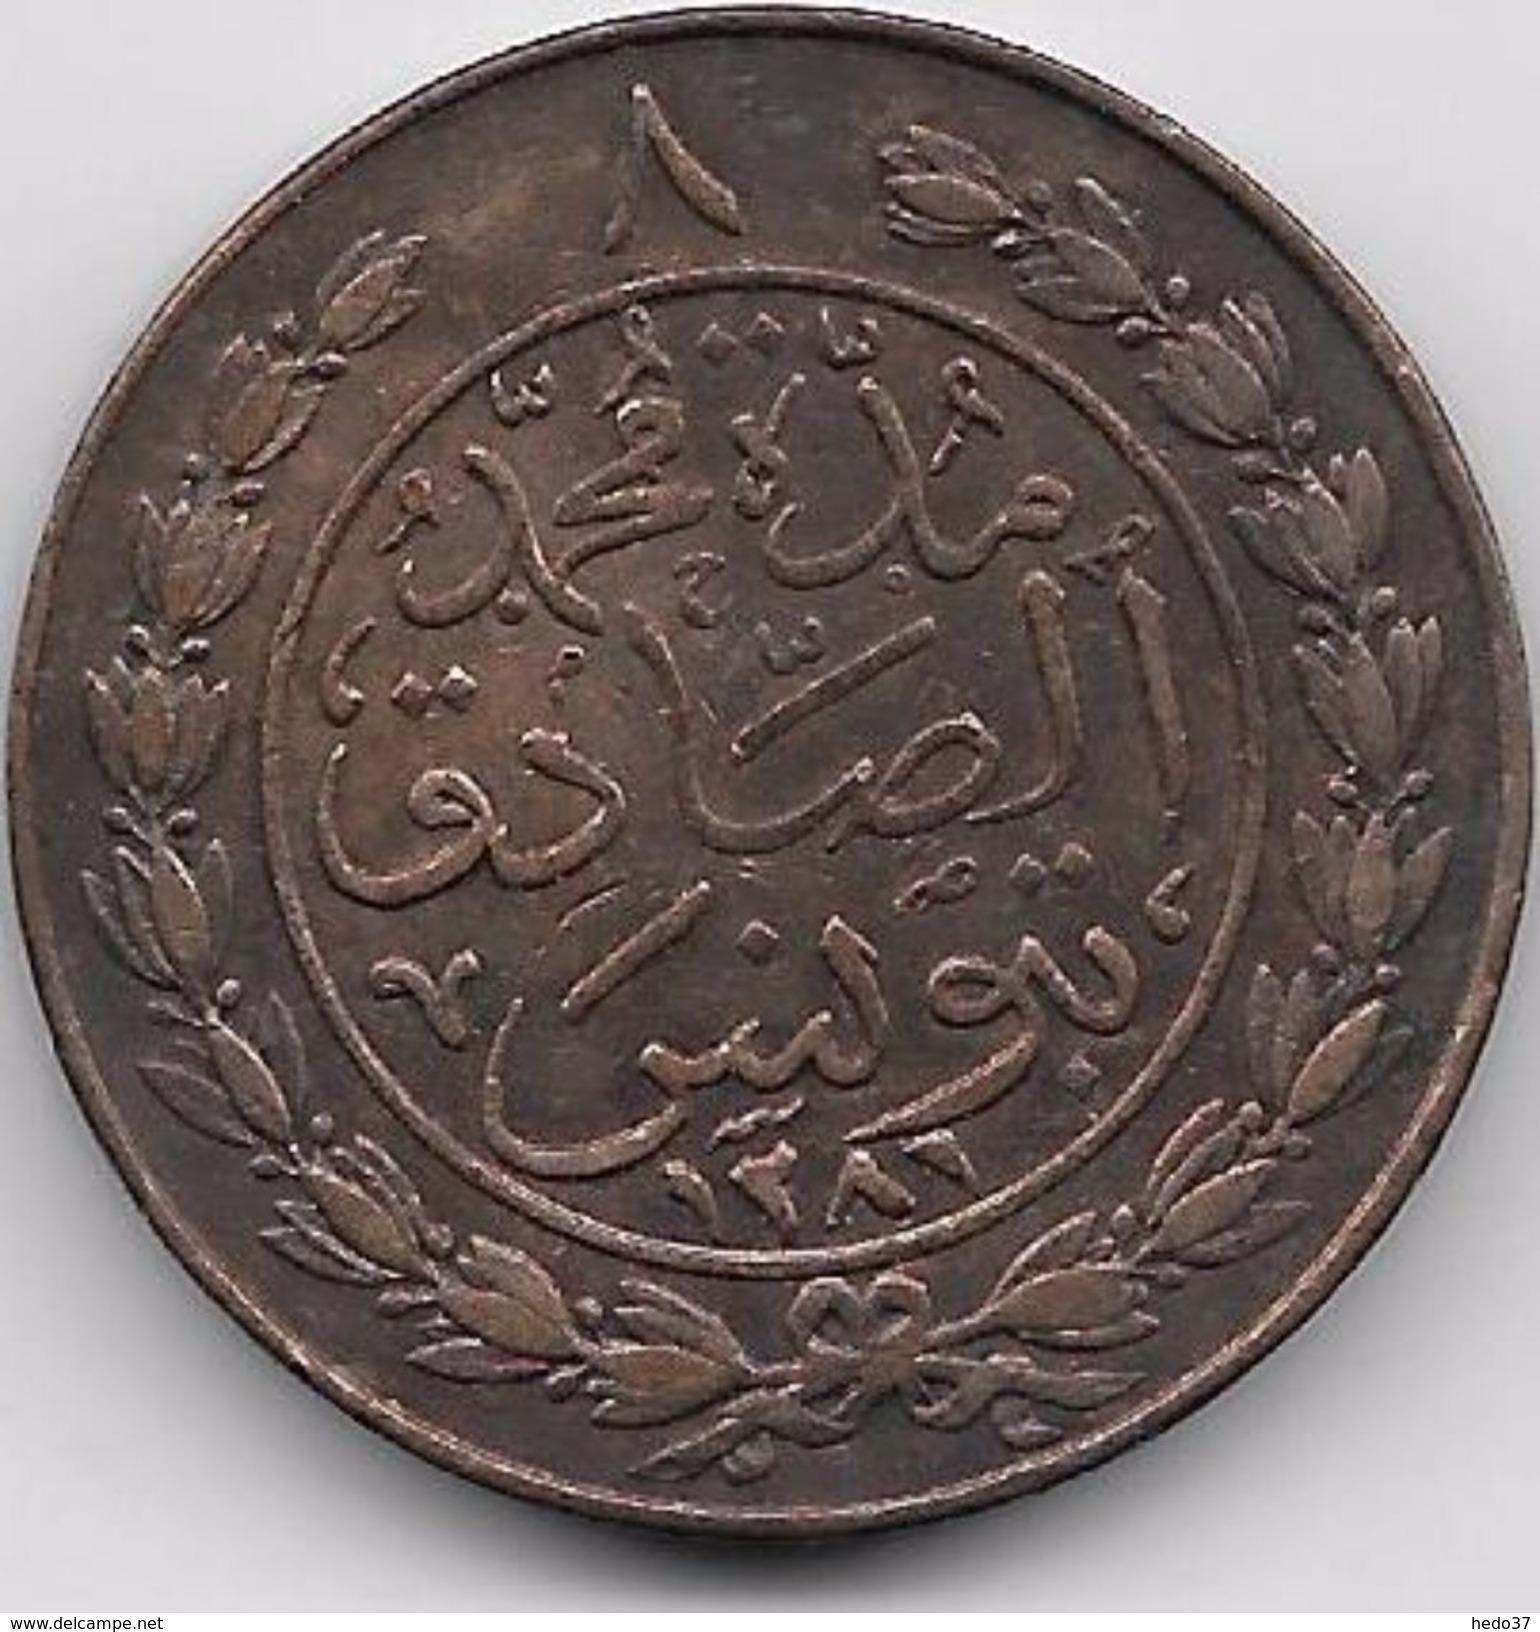 Tunisie 8 Kharub - 1281 - Monnaies